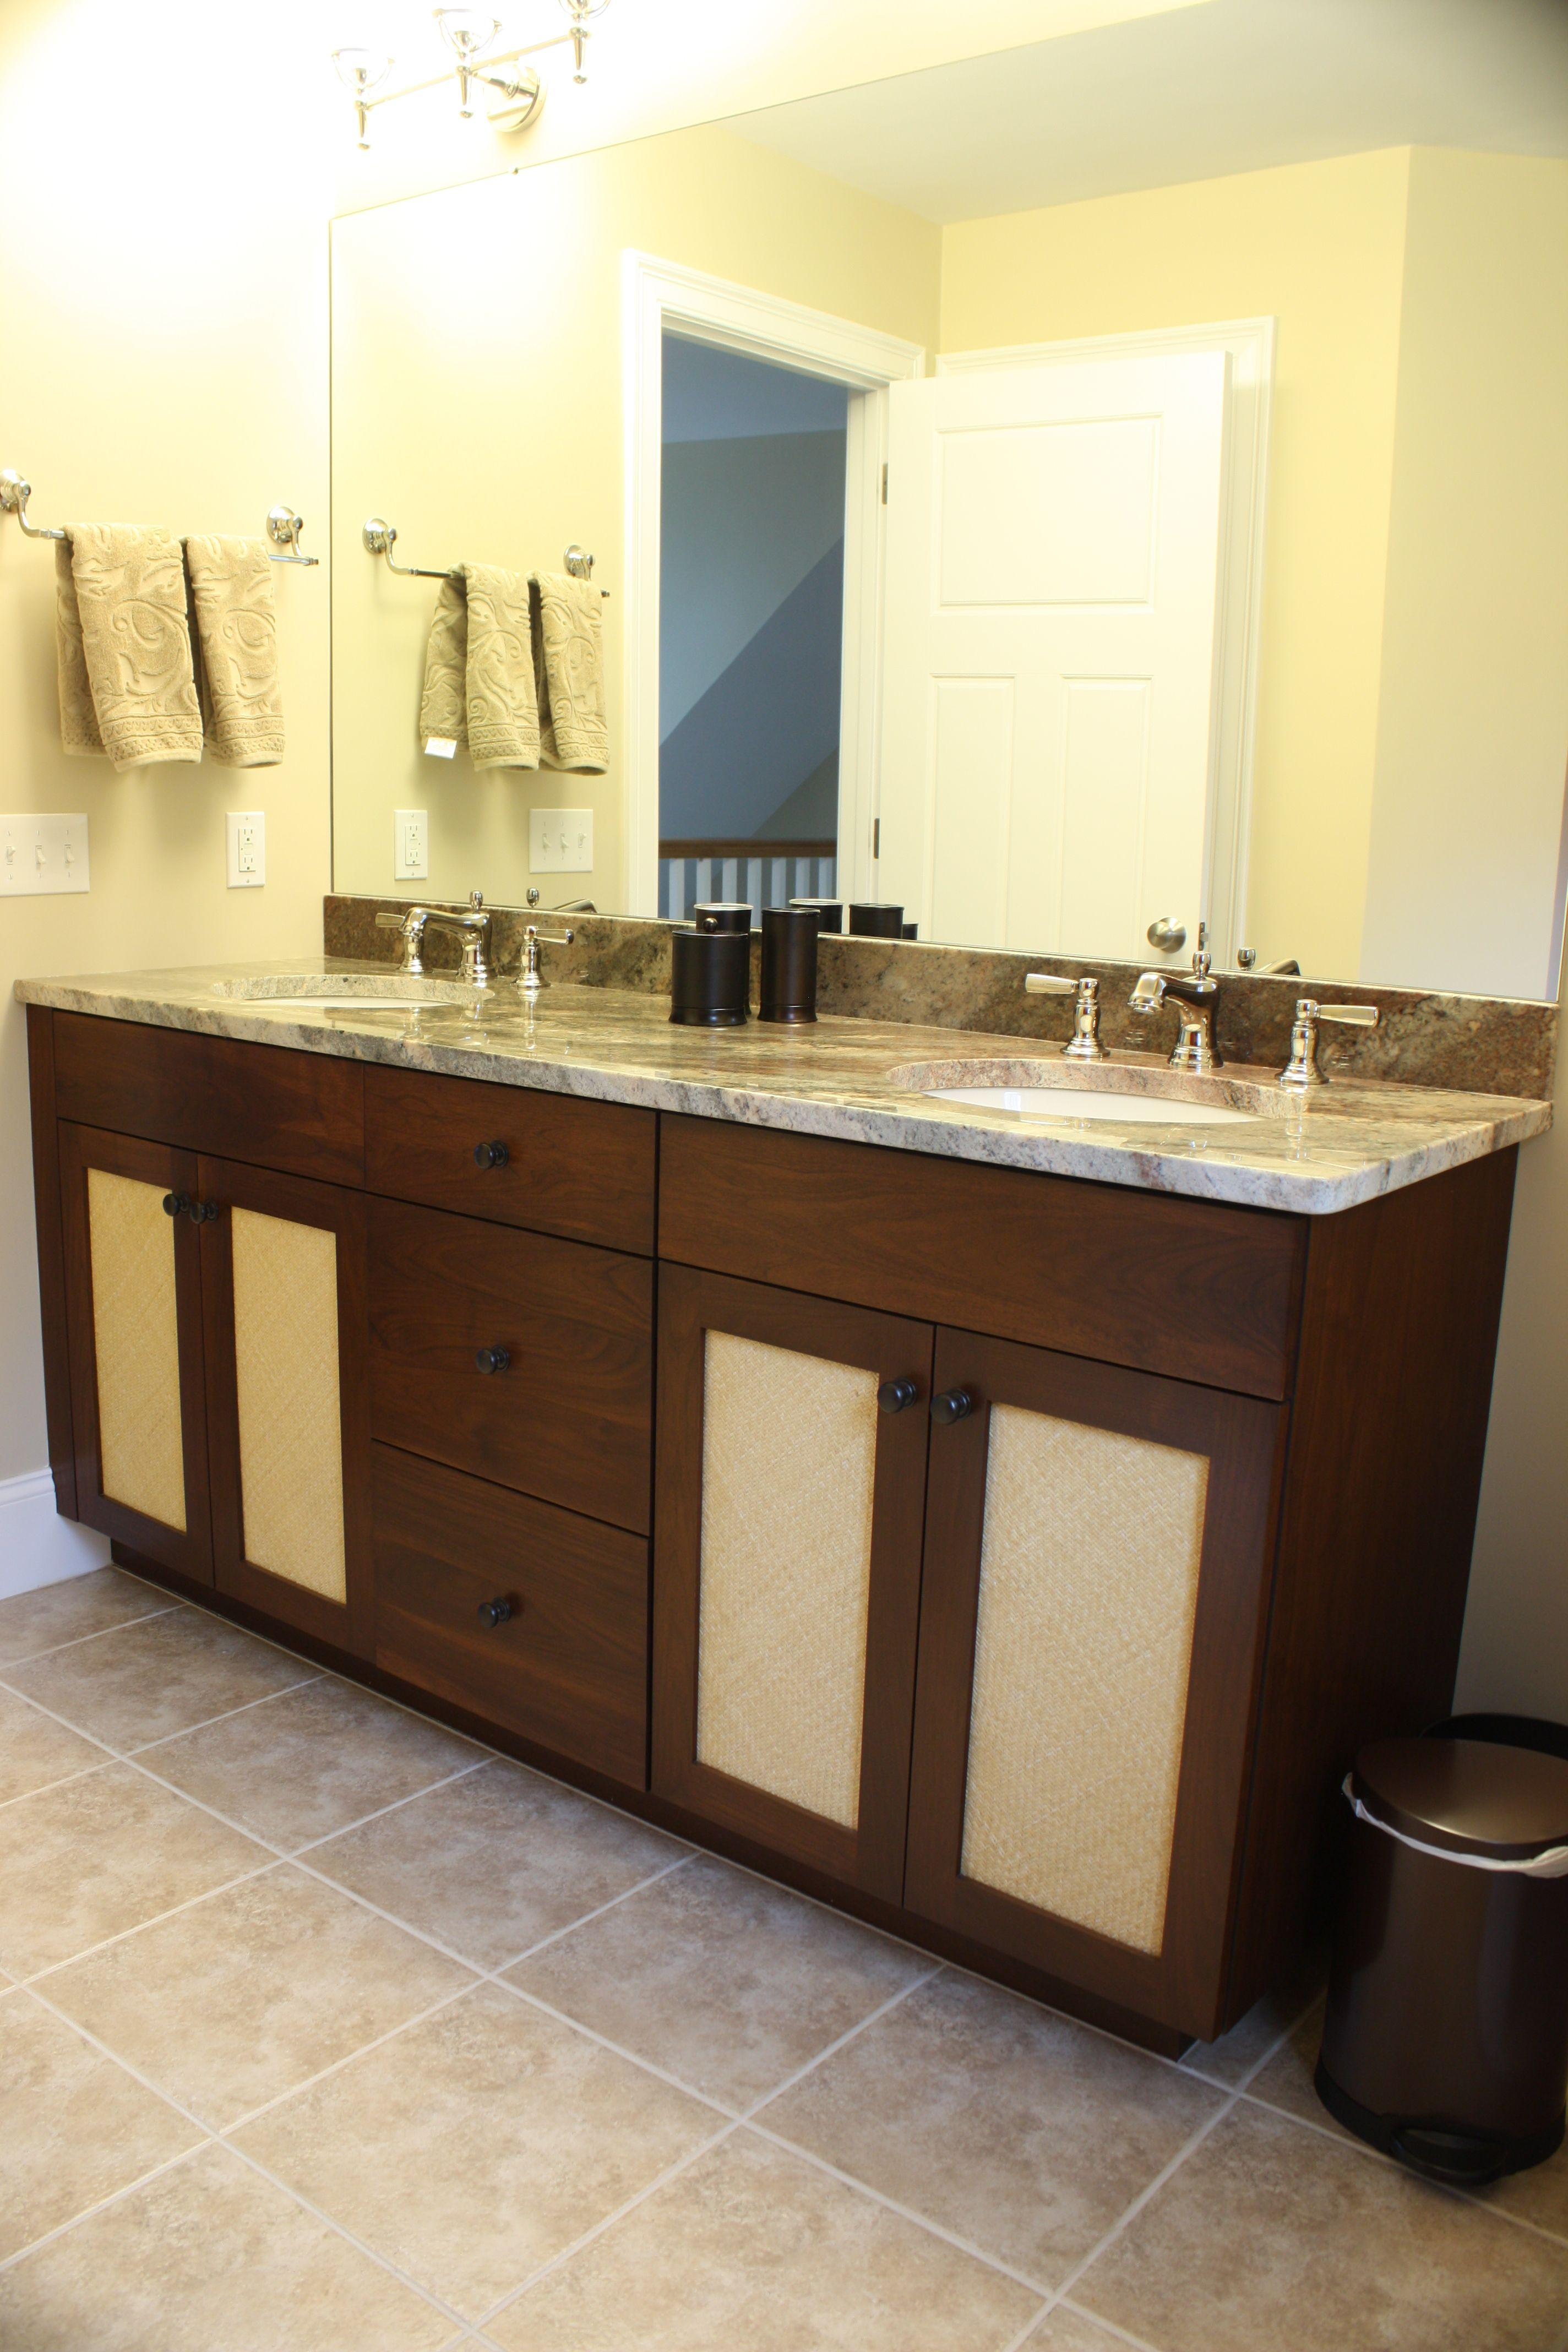 Bathroom Remodel  Large Custom Vanity With Granite Countertop And Two Sinks